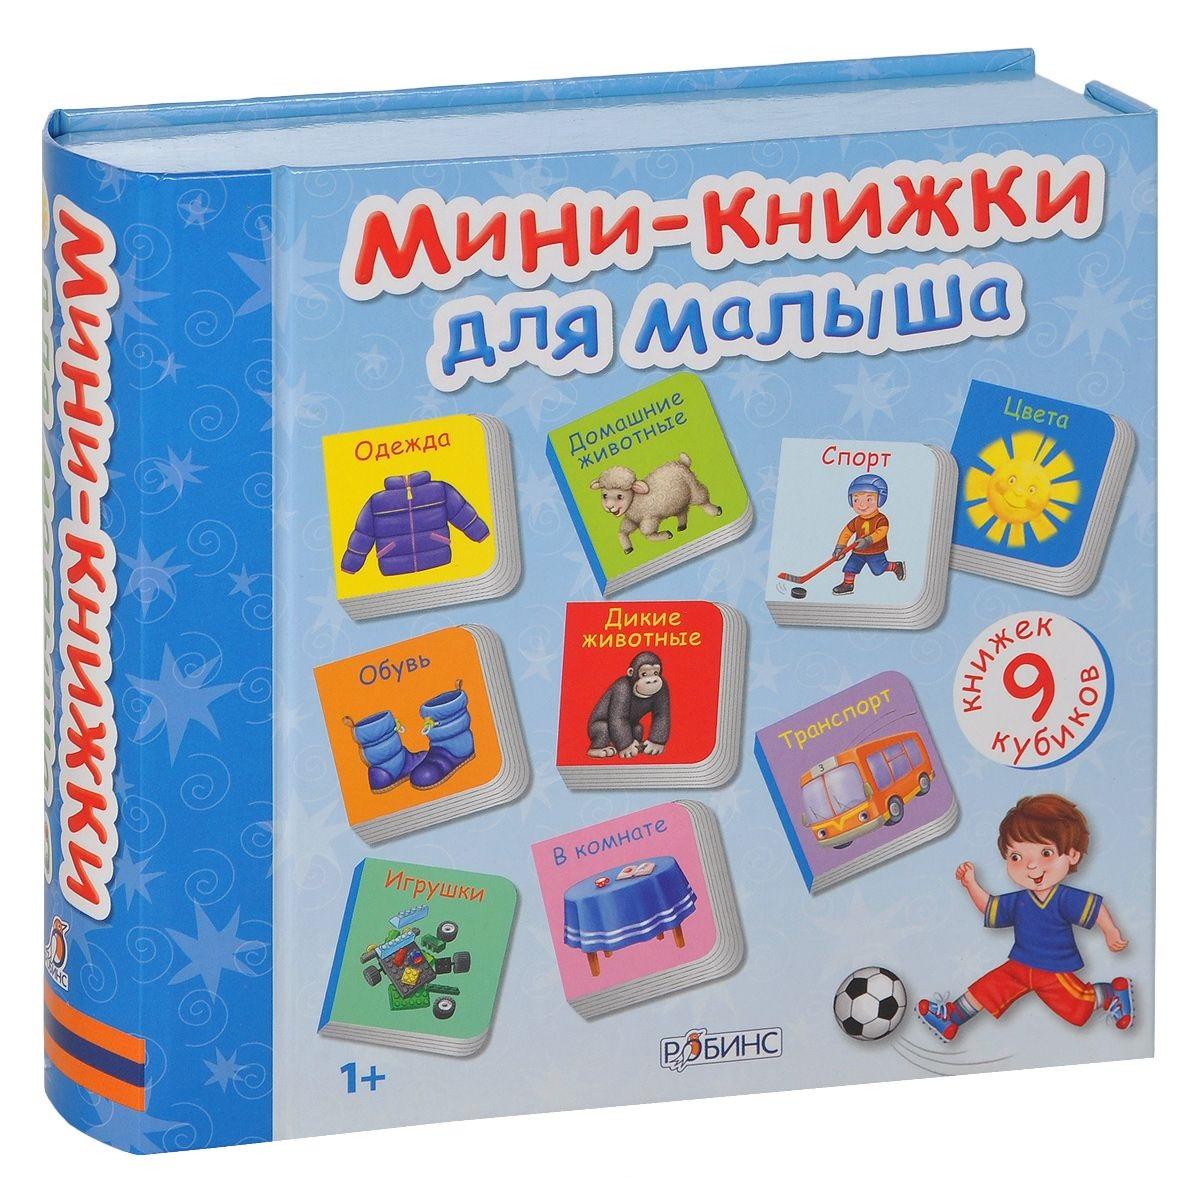 Мини-книжки для малышаОбучающие книги. Книги с картинками<br>Мини-книжки для малыша<br>